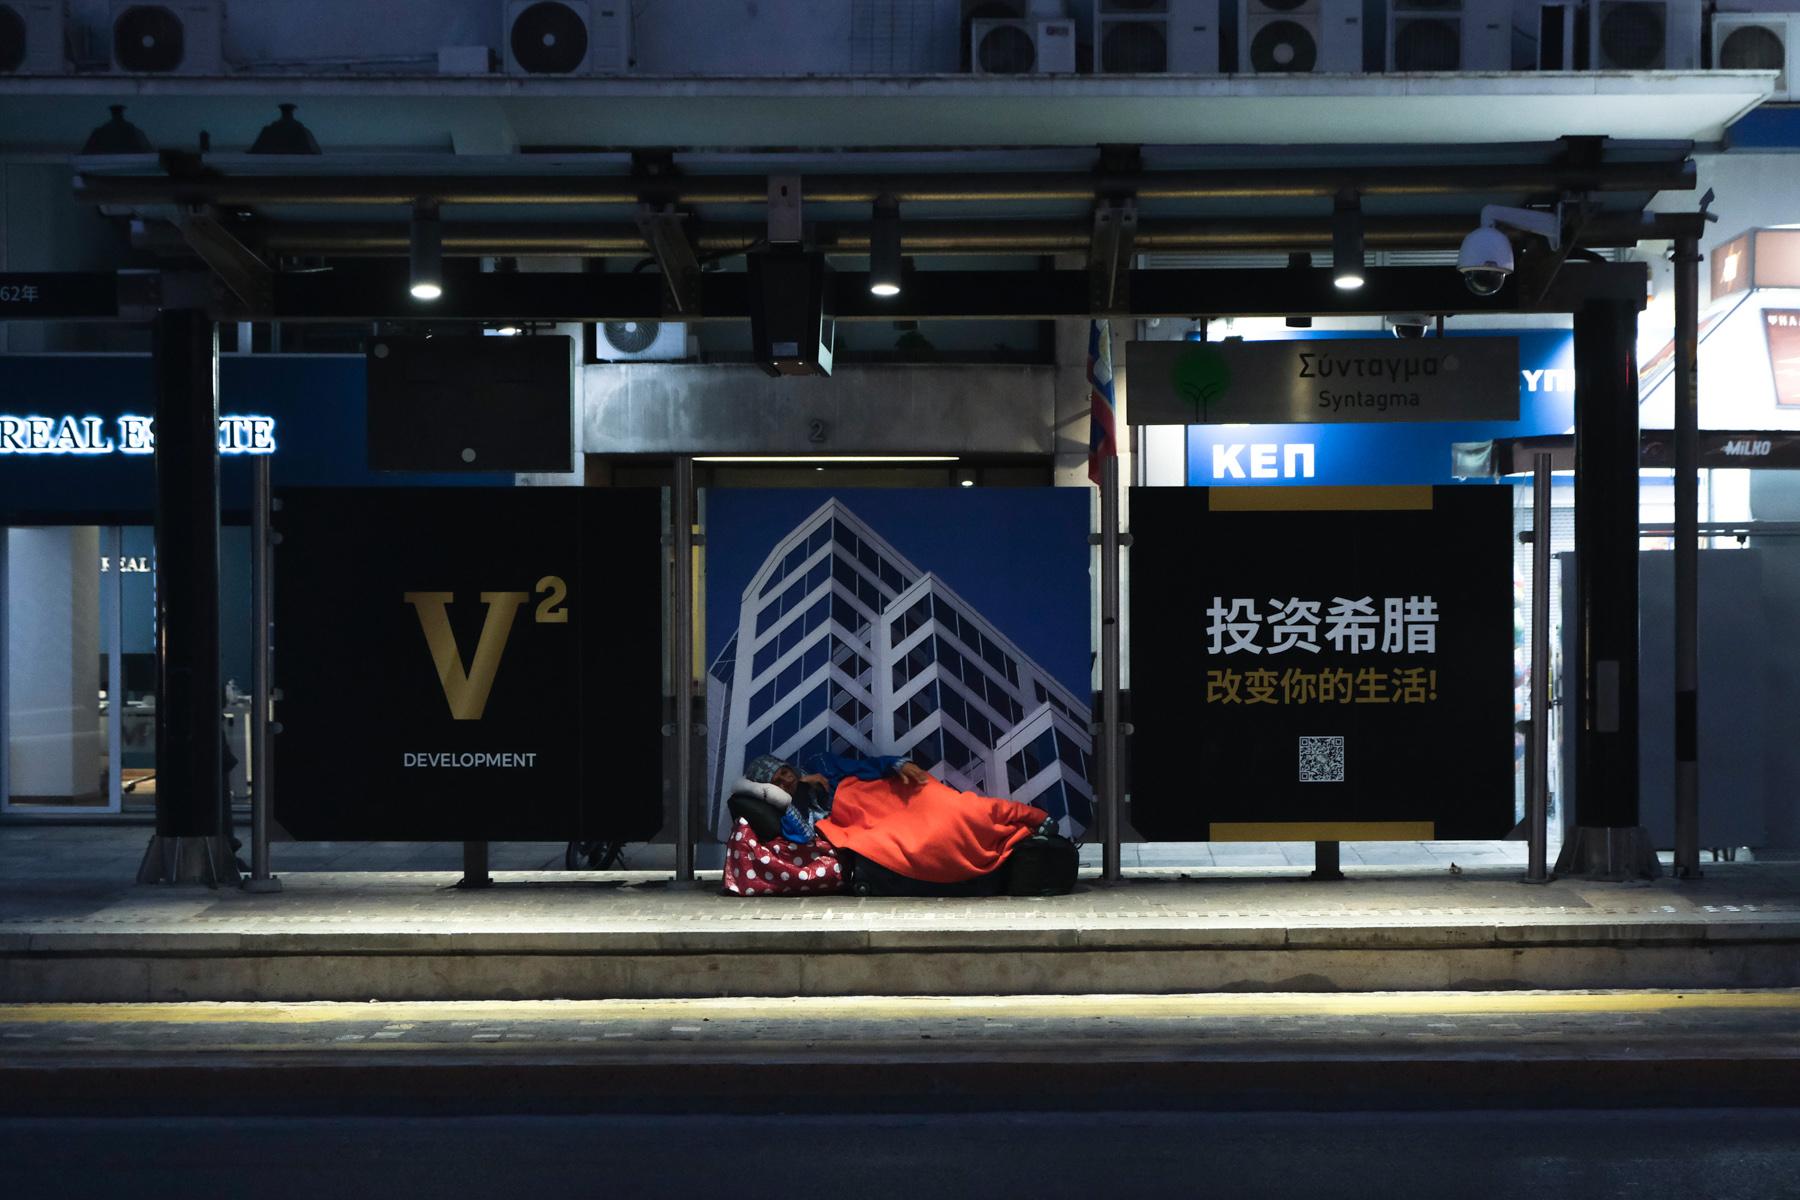 Ένας άστεγος κοιμάται σε σταθμό τραμ, μπροστά από διαφήμιση της Golden visa με στόχο Κινέζους πελάτες στην Ελλάδα.  Αθήνα, Αύγουστος του 2020.